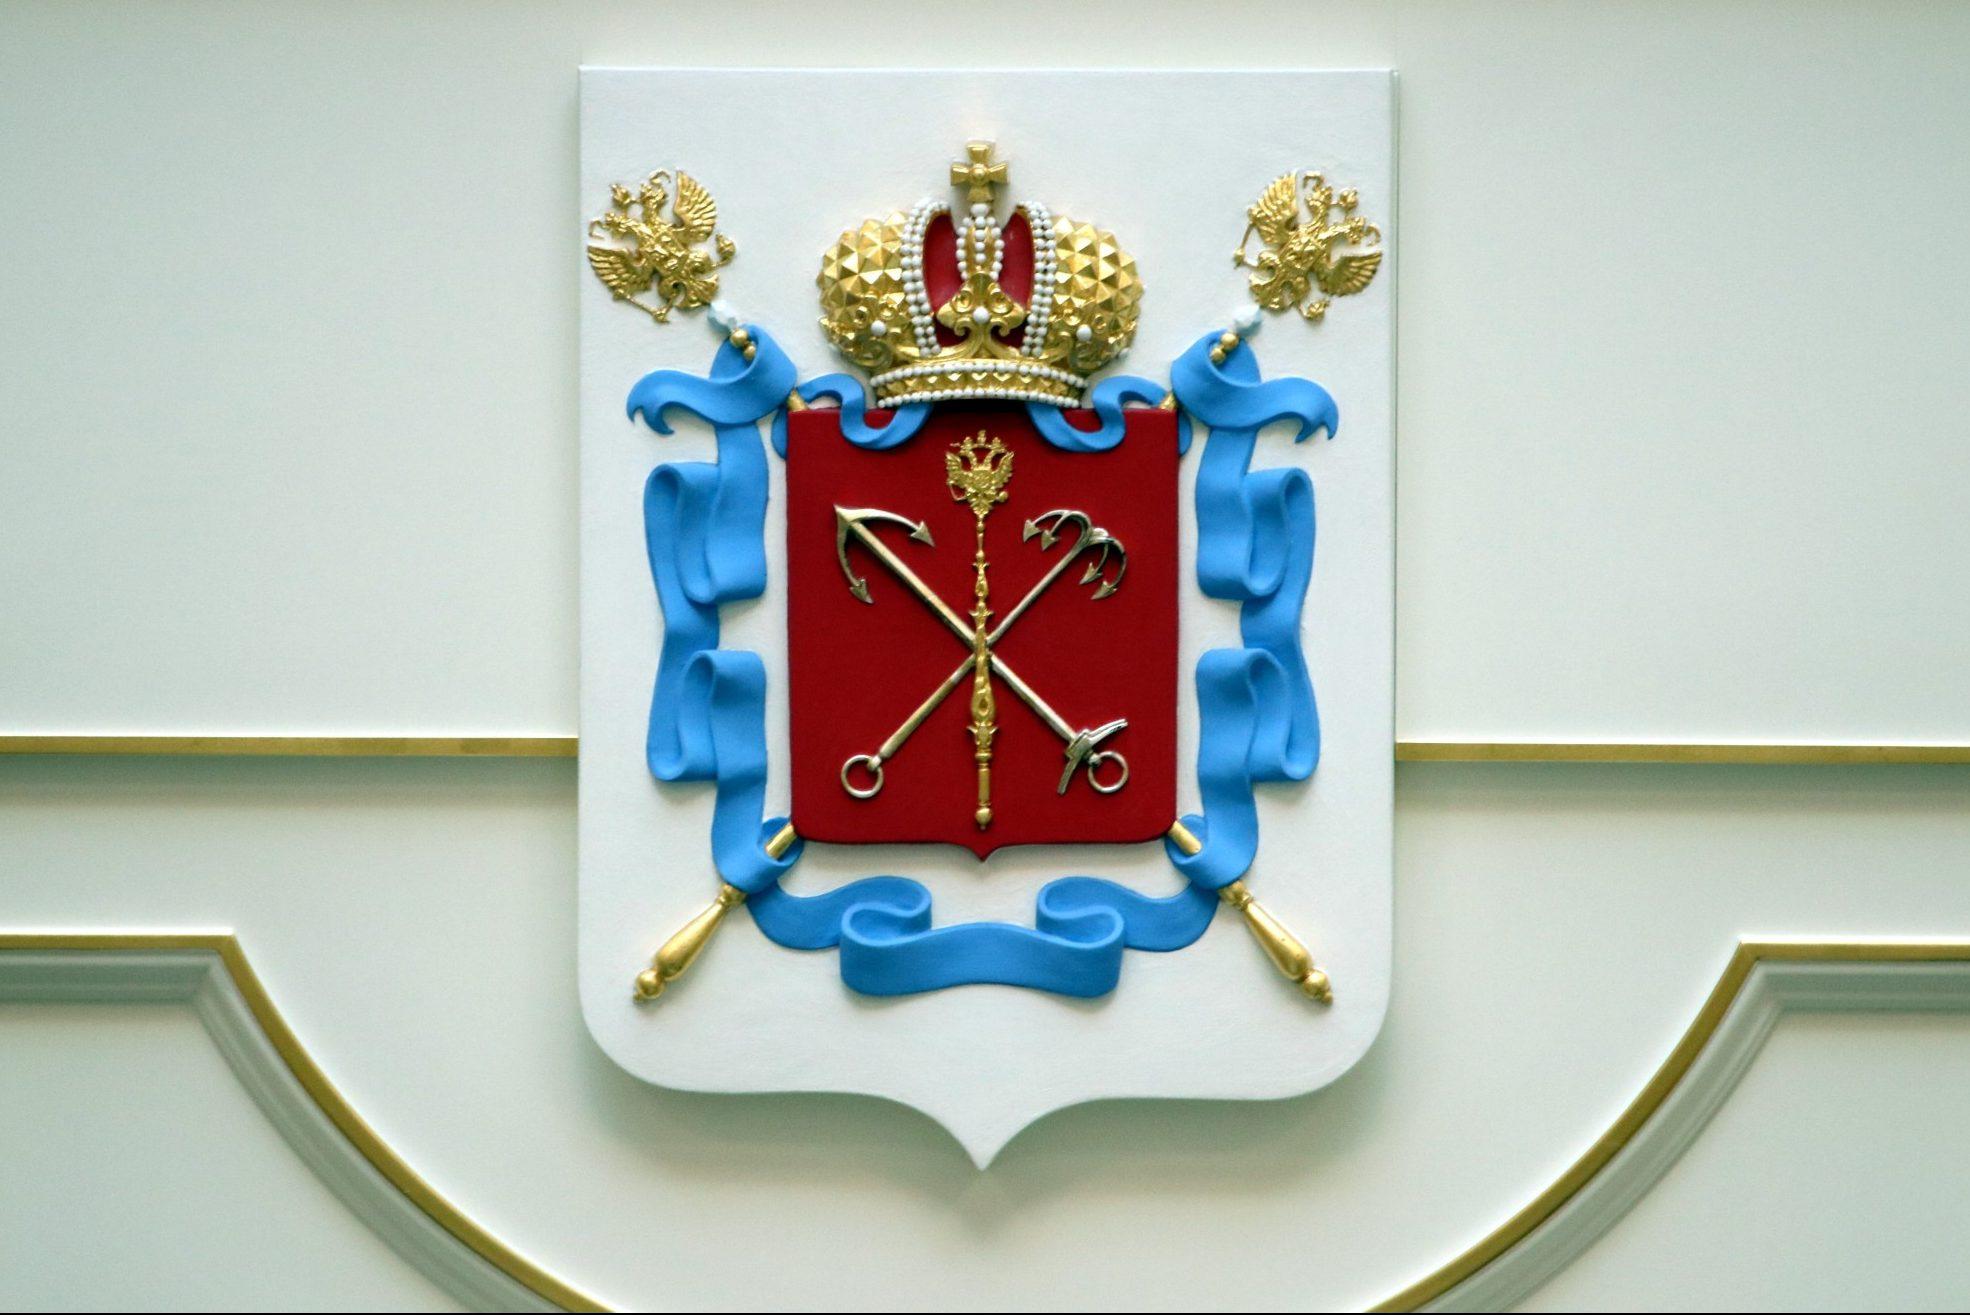 Смольный разрешил бизнесу использовать наименование «Санкт-Петербург» в названиях своих компаний